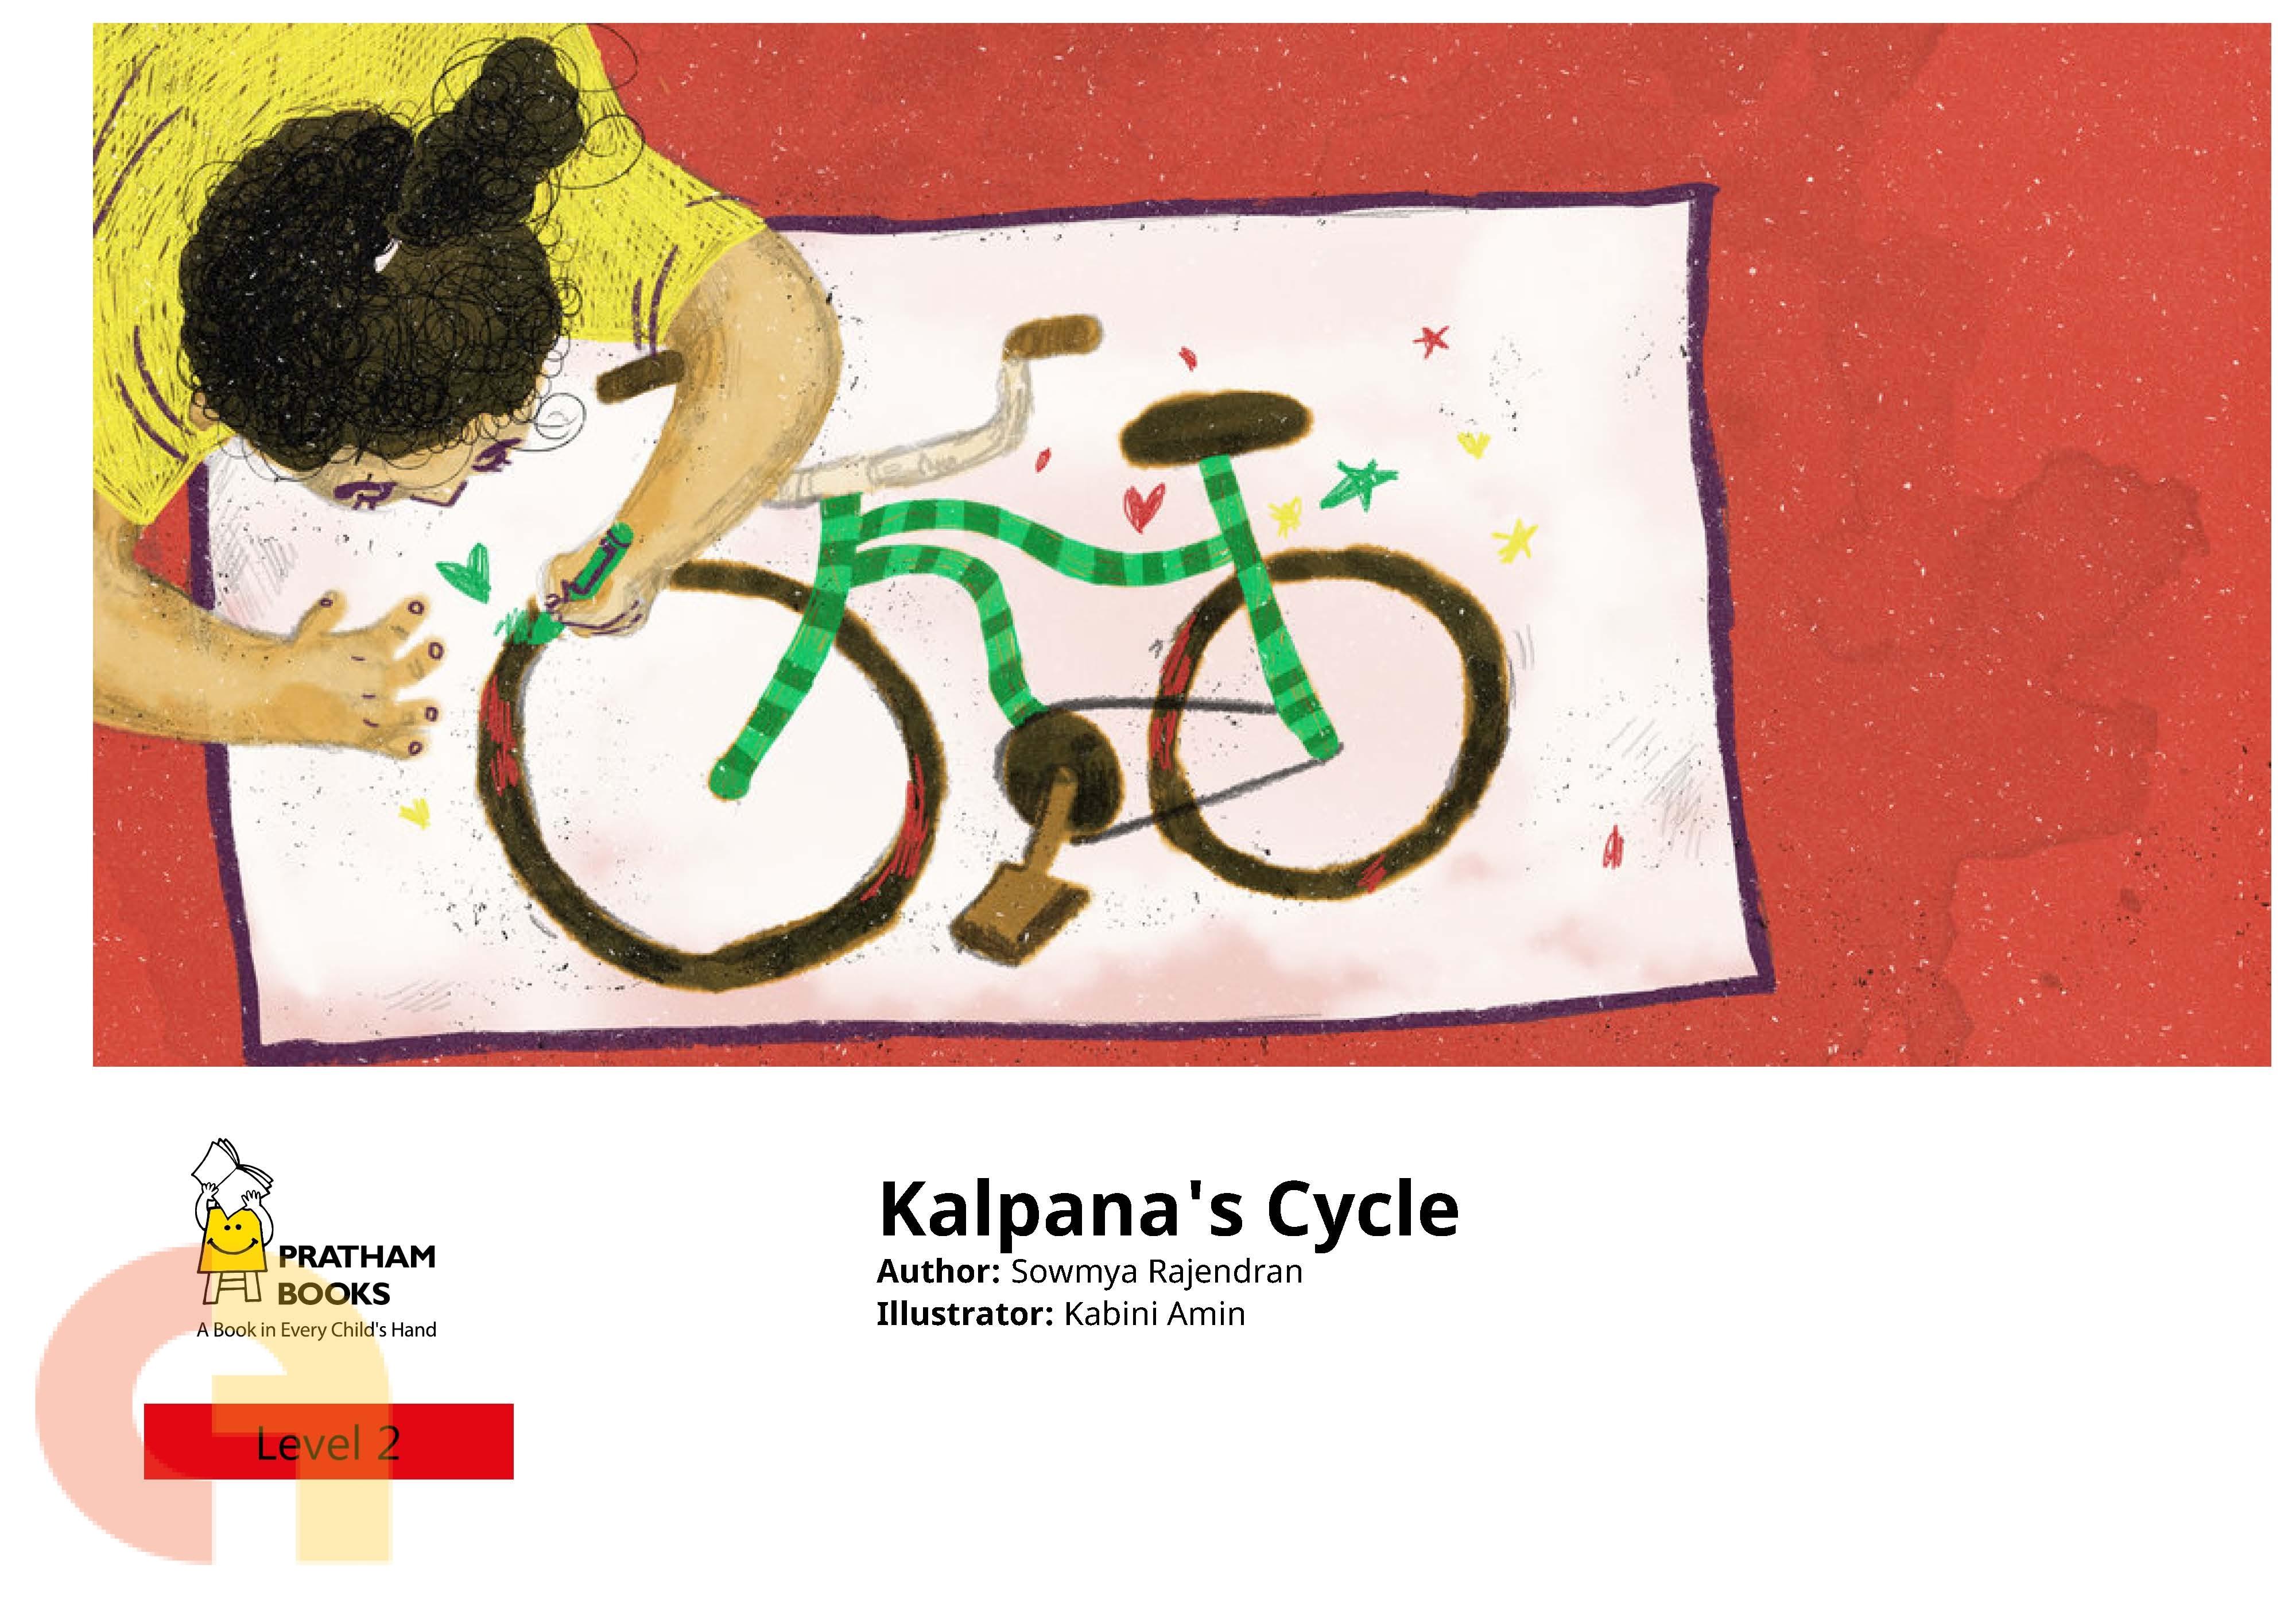 Kalpana's Cycle - Pratham - Level 2